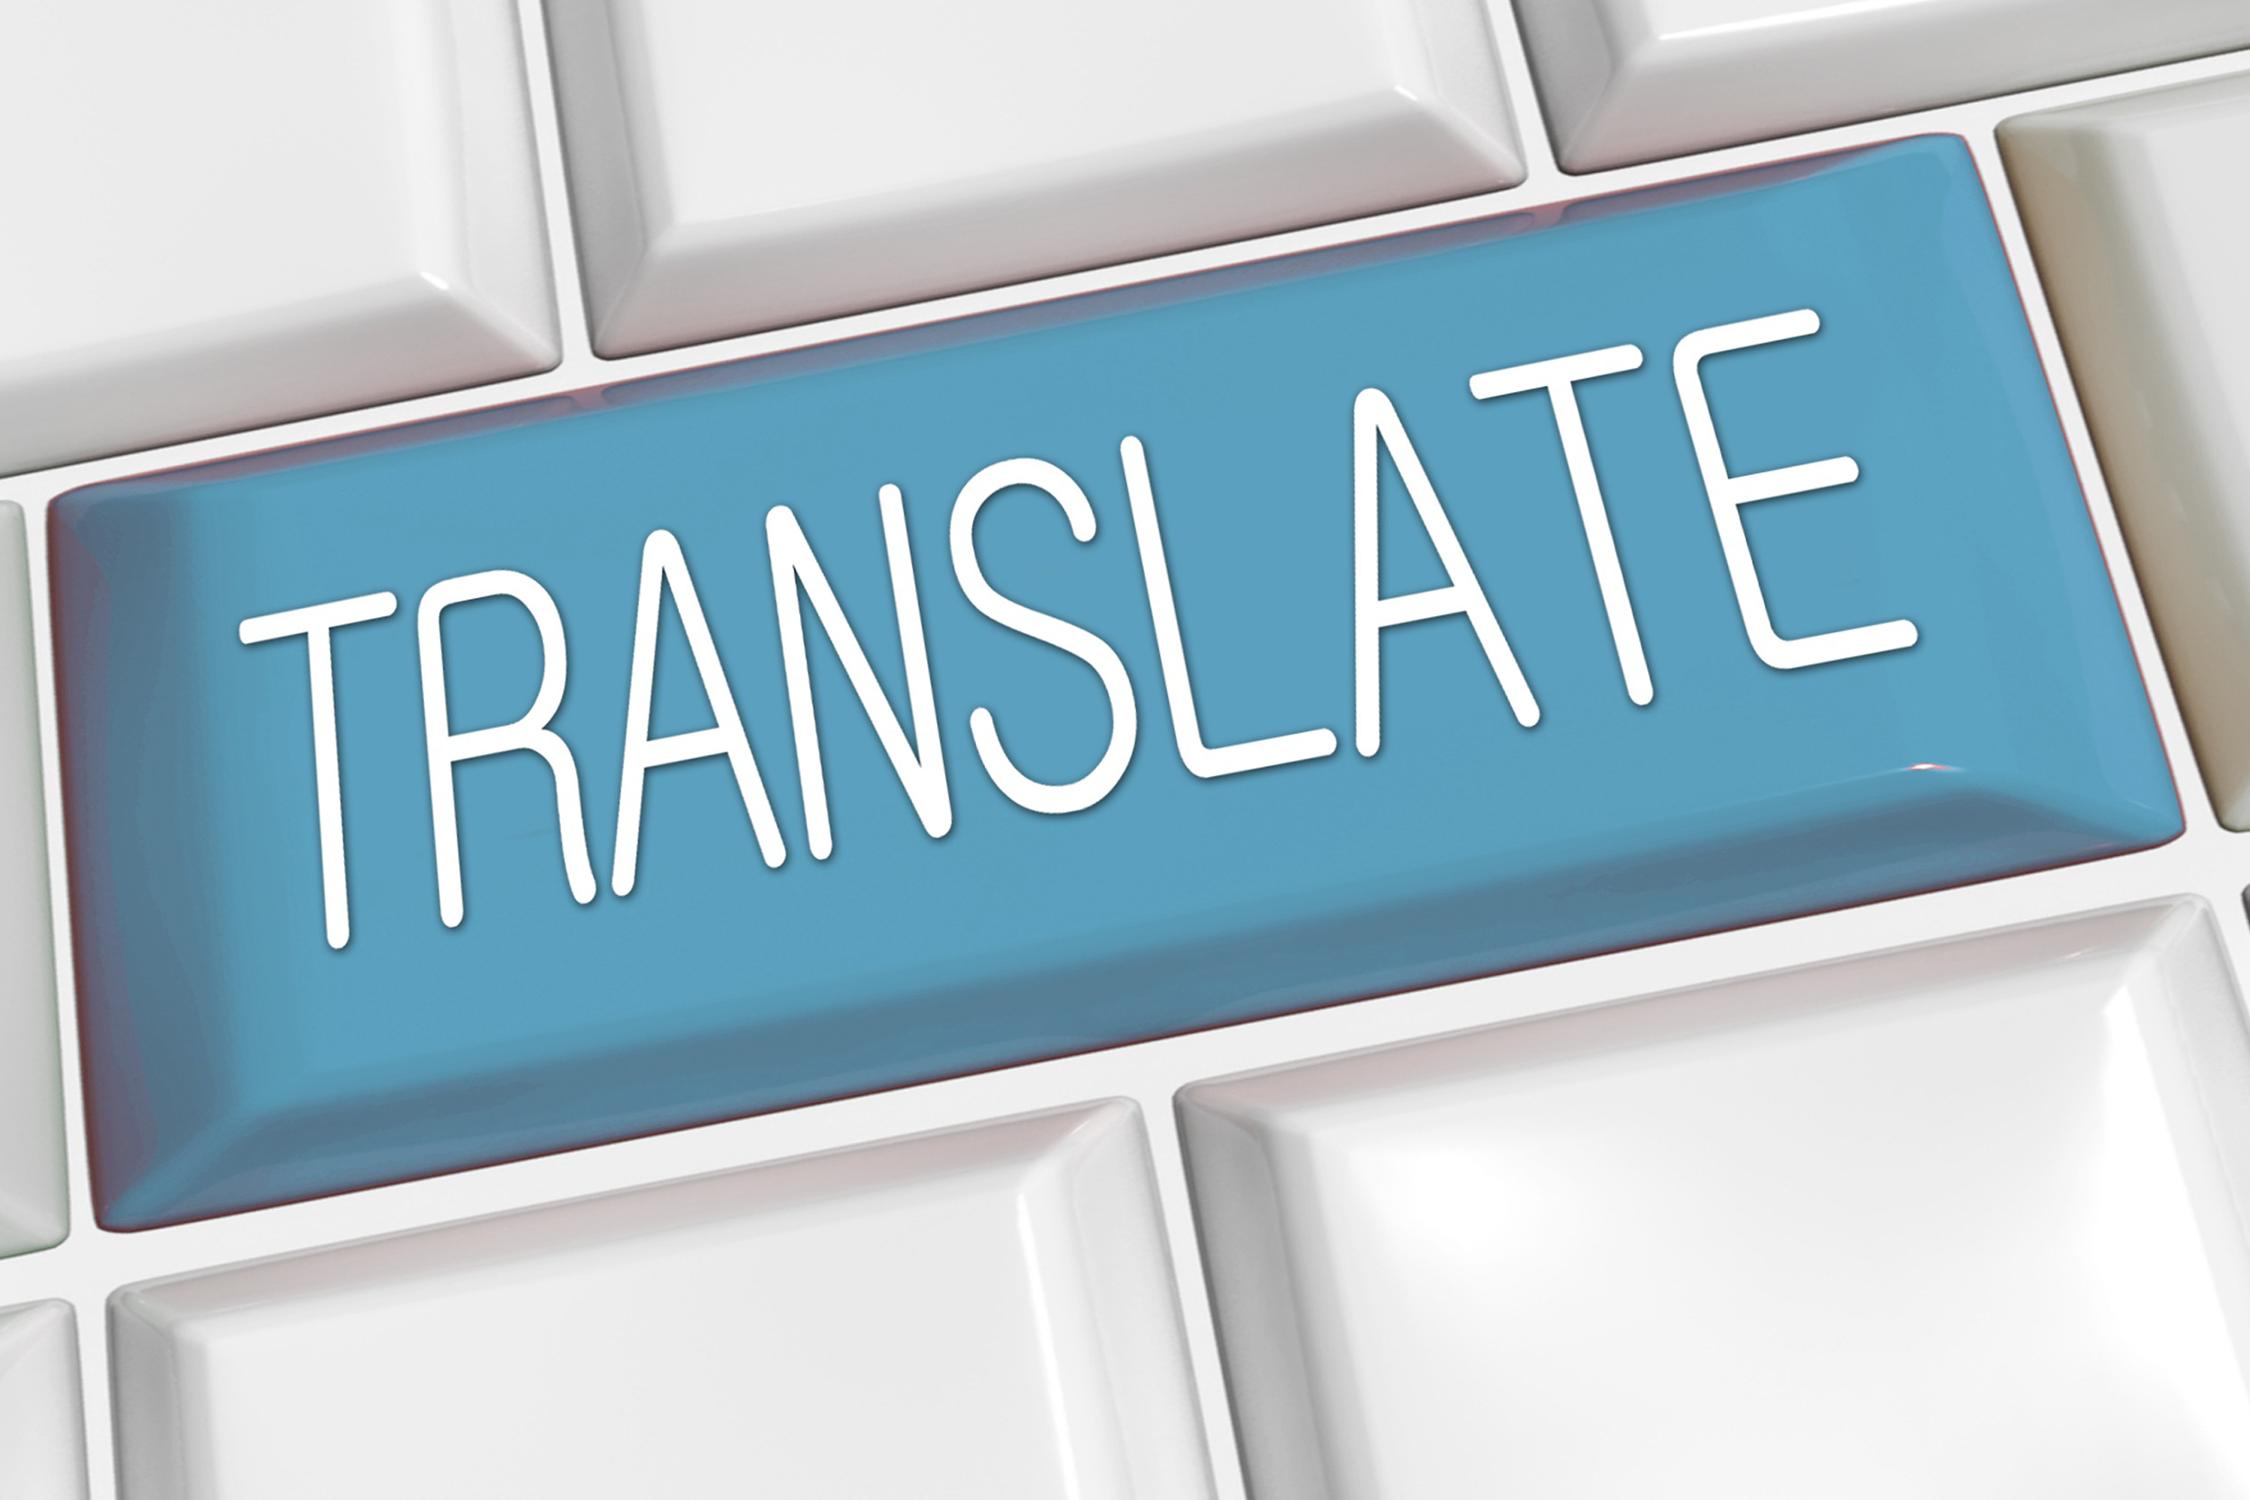 Using underscore translation laravel